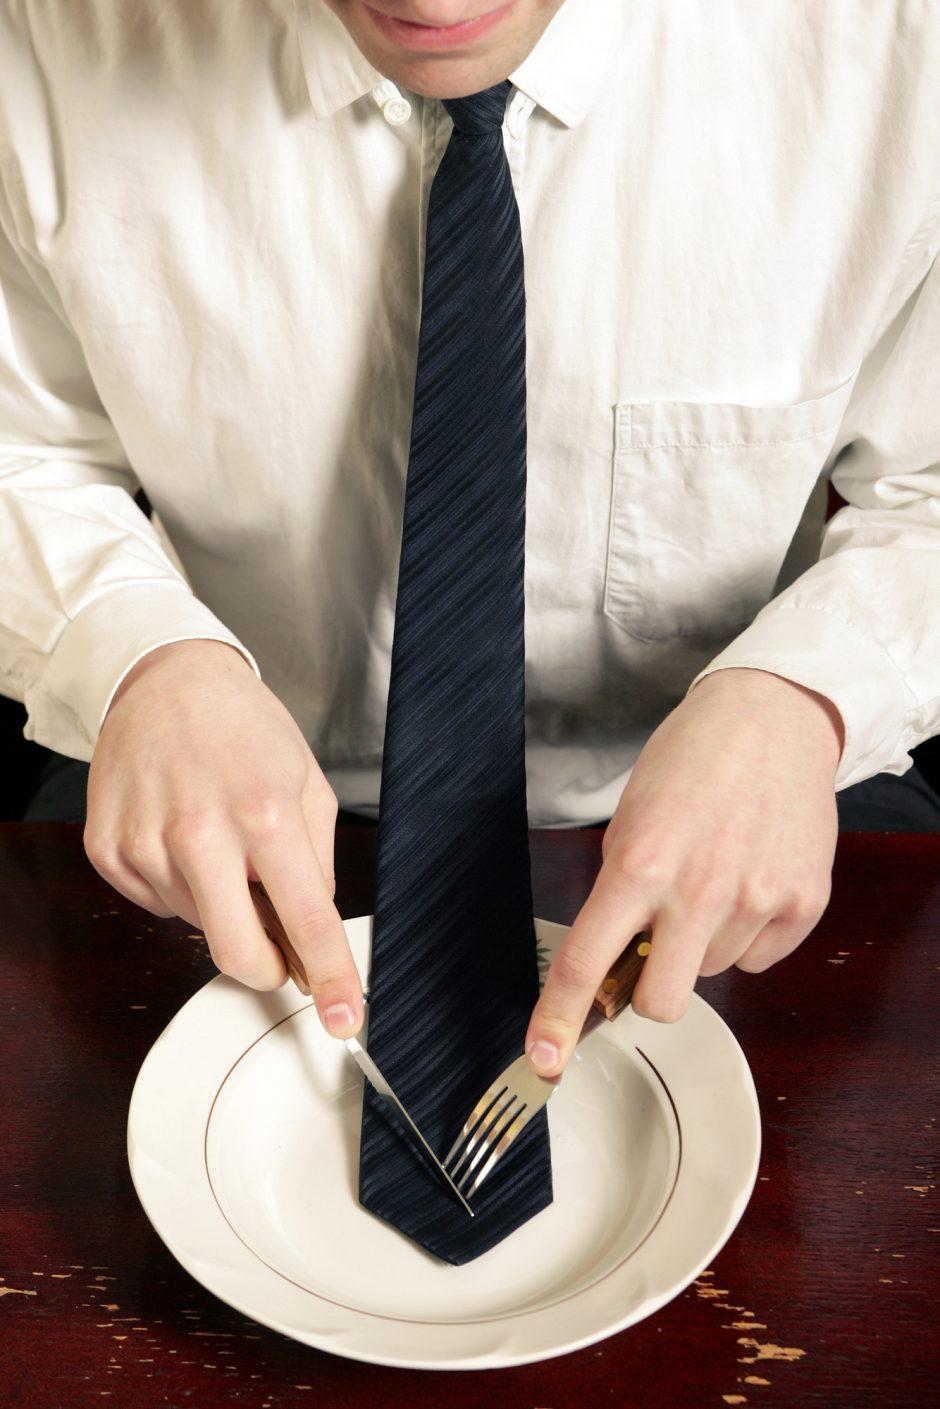 Bankrutuoja maisto į namus pristatymo bendrovė